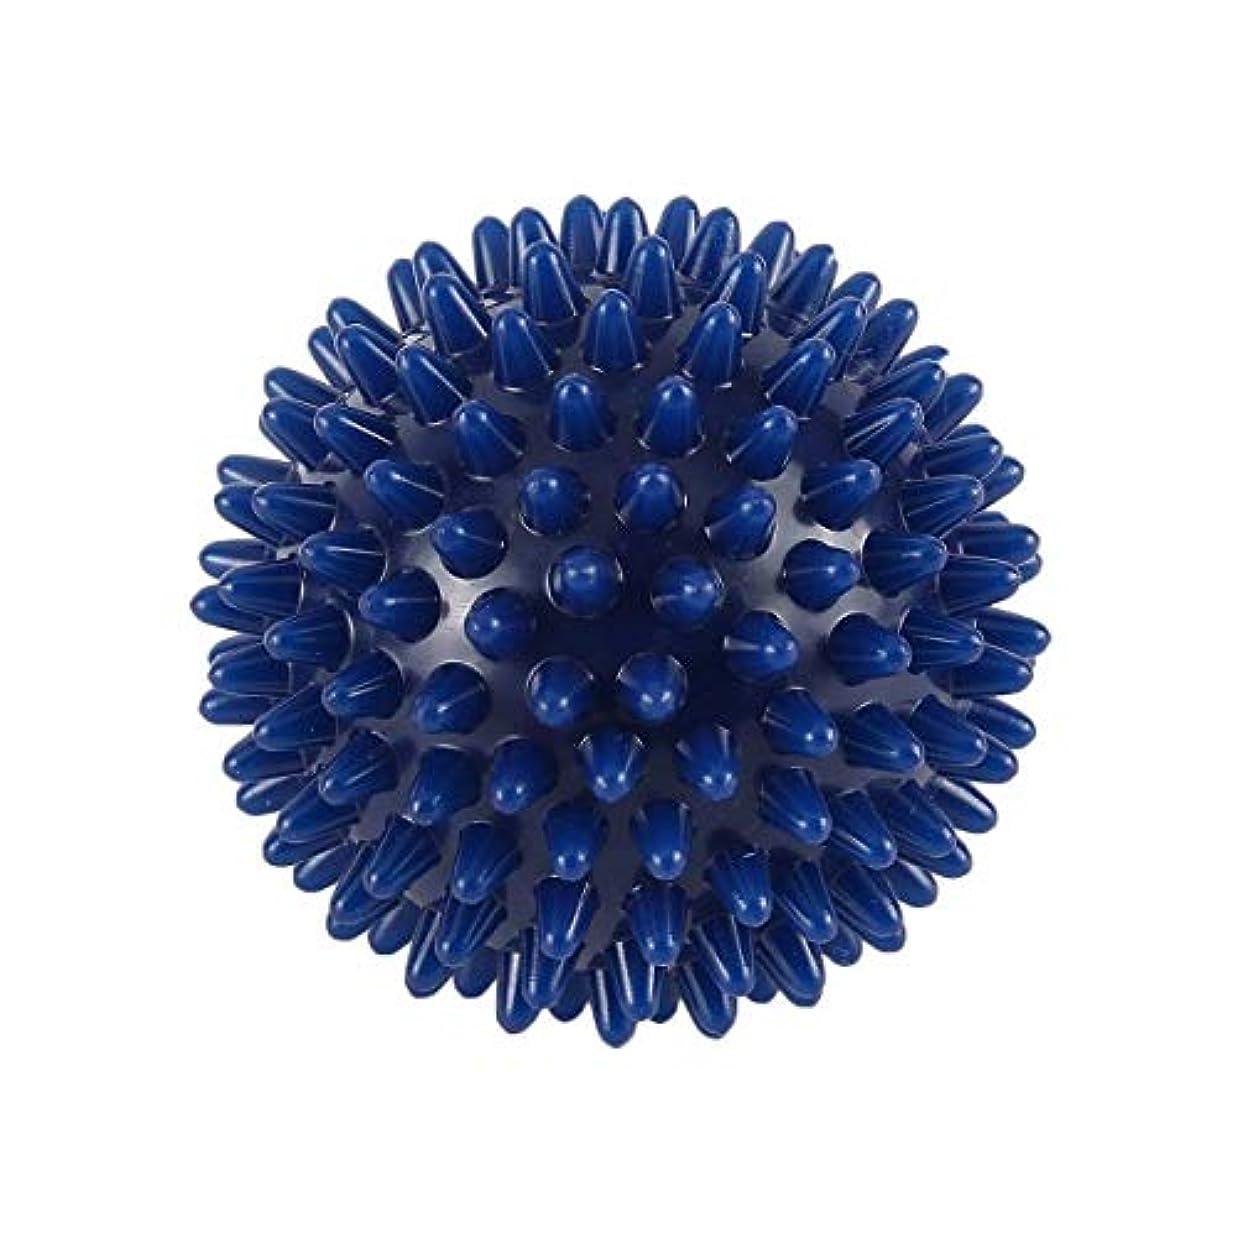 好きである経度バンドルPVC高密度スパイキーマッサージボール足の痛み&足底筋膜炎リリーフトリートメントハリネズミボールマッサージ指圧ボール-ブルー-6 cm